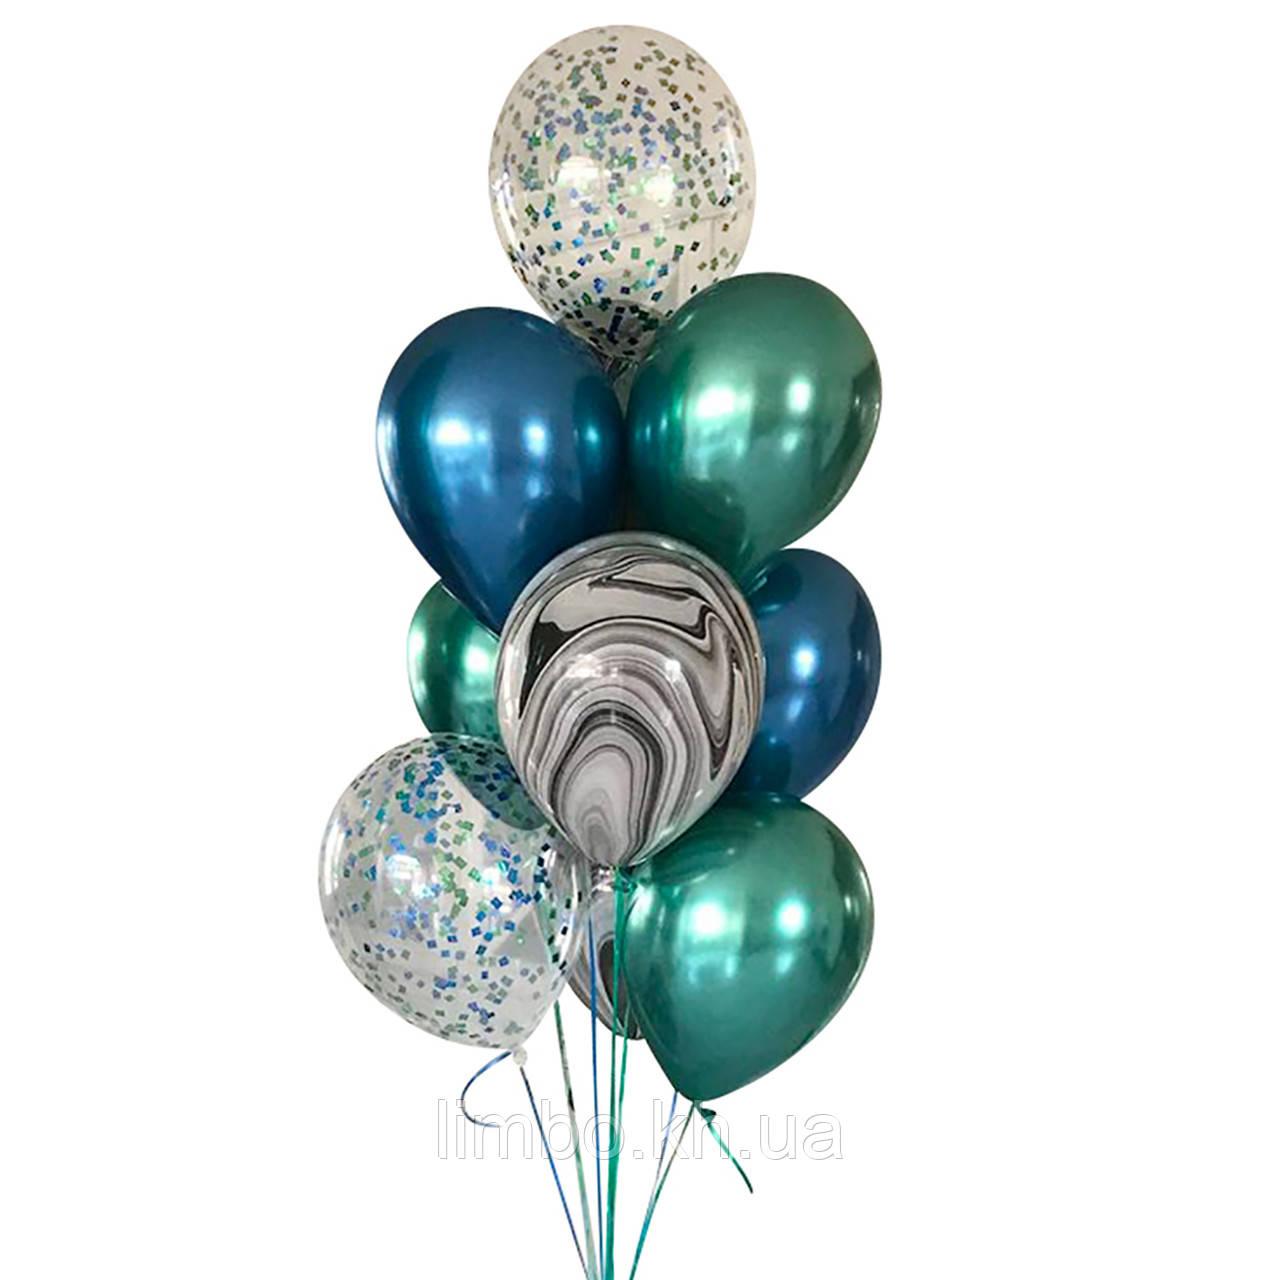 Композиция шаров для мужчины с шарами  хром и конфетти